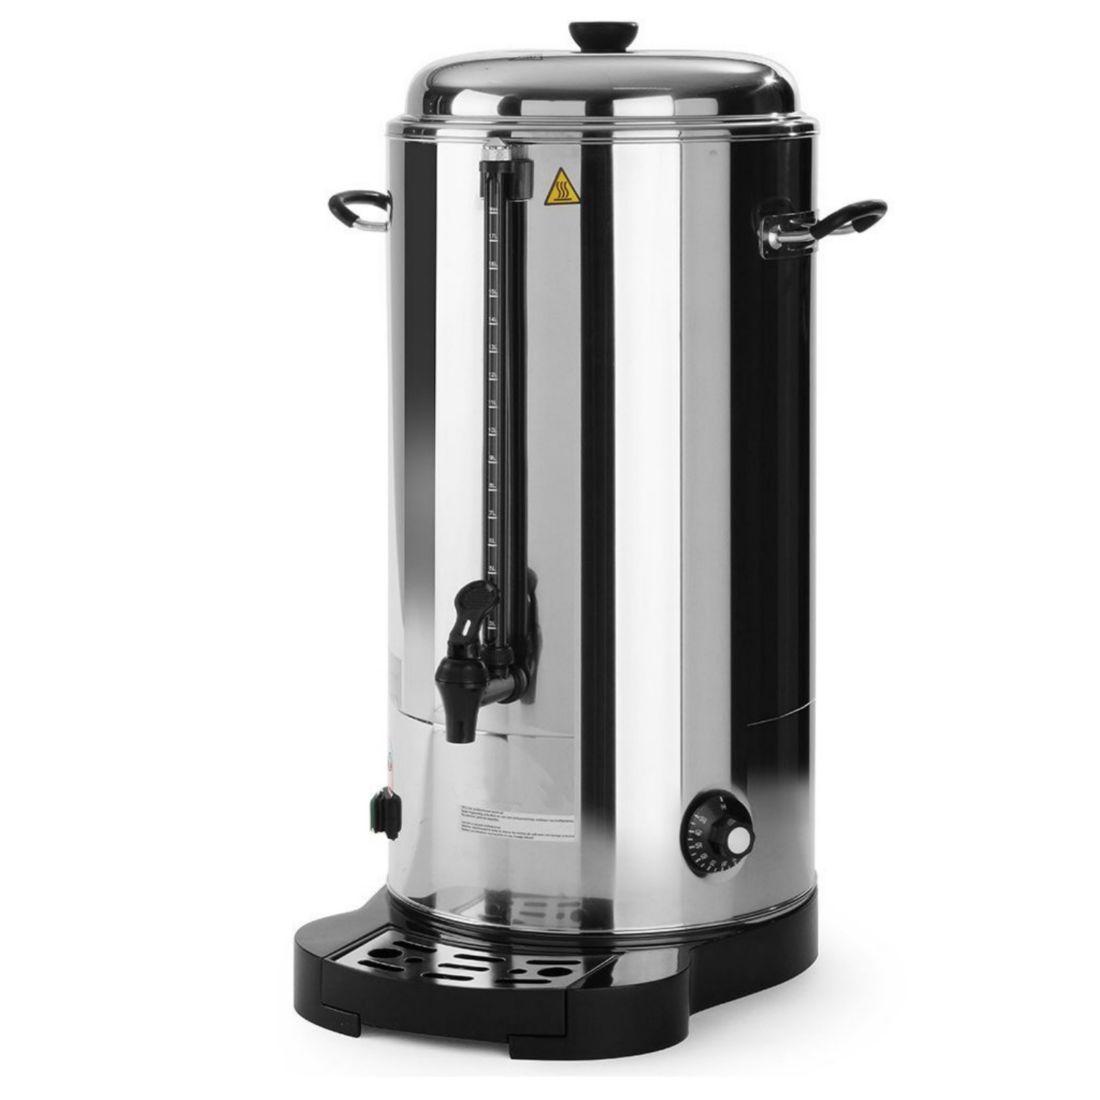 Výrobník horké vody - dvouplášťový, izolovaný, 18 l